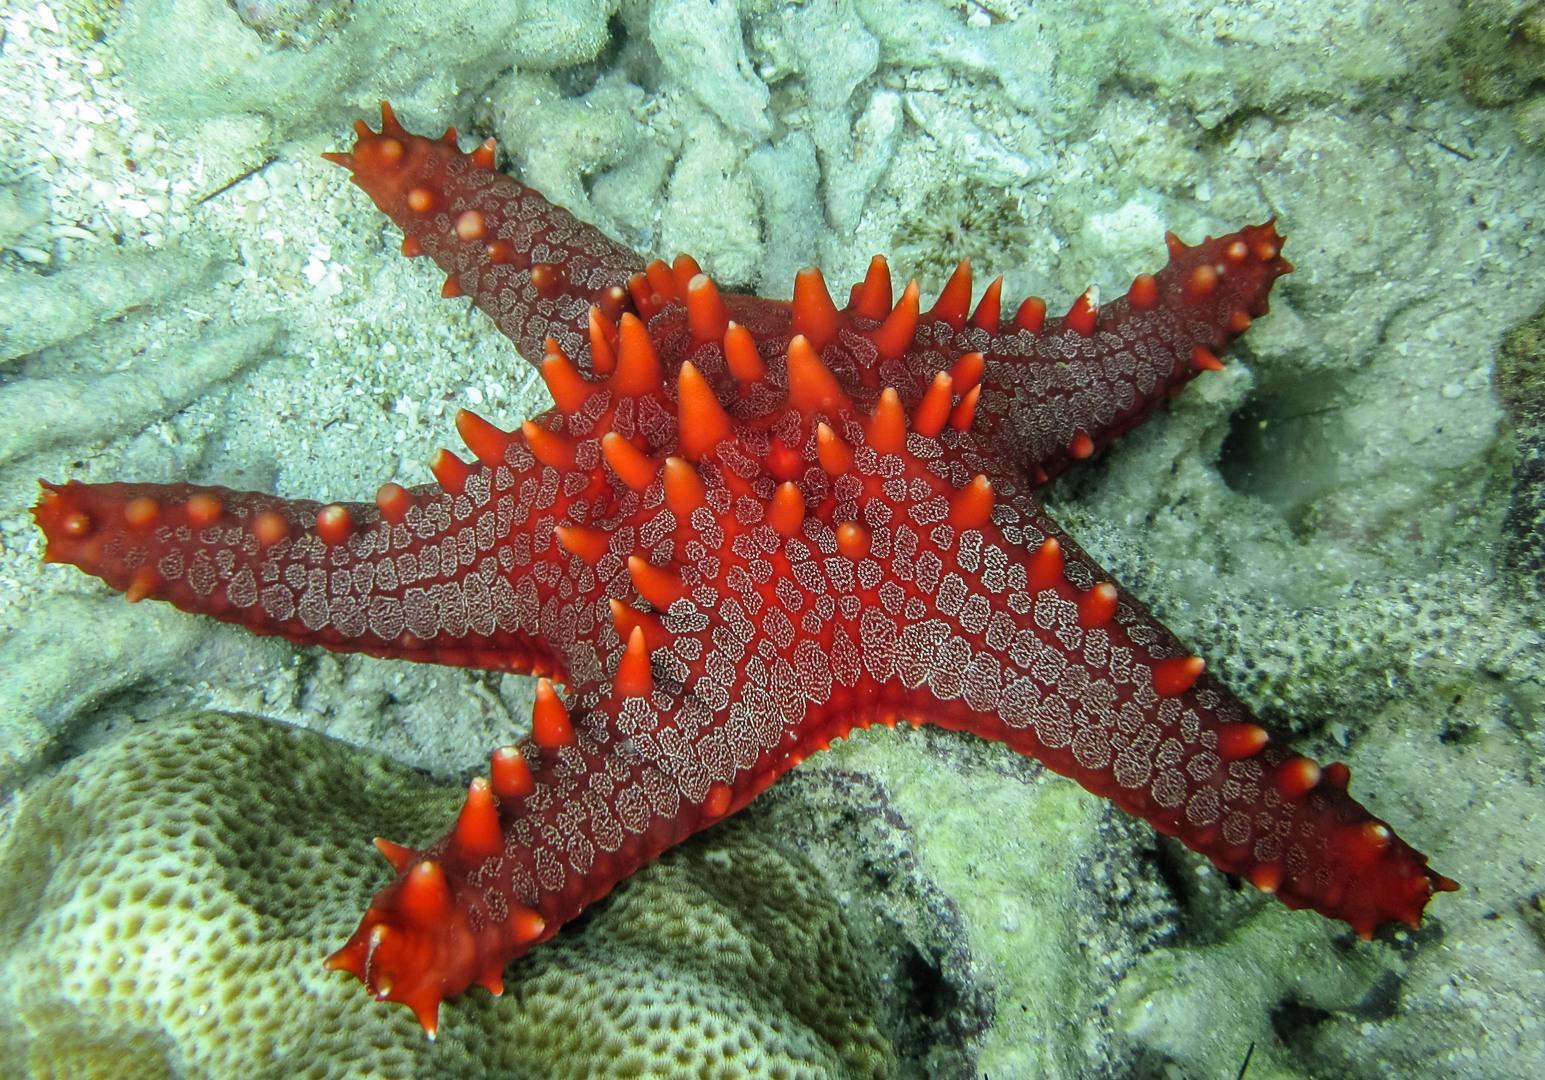 Starfishes Фотографии Блог о путешествиях Fresh Trip